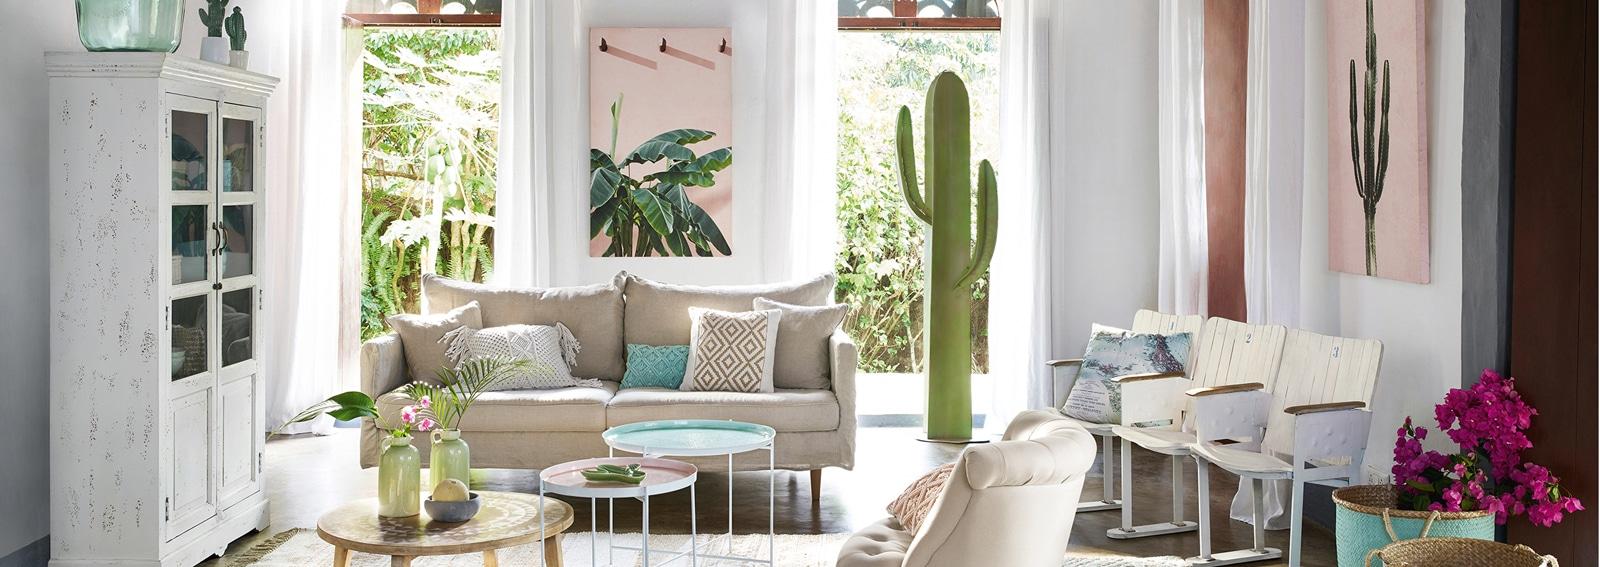 Pareti Di Casa Colori 10 colori perfetti per decorare le pareti di casa in estate